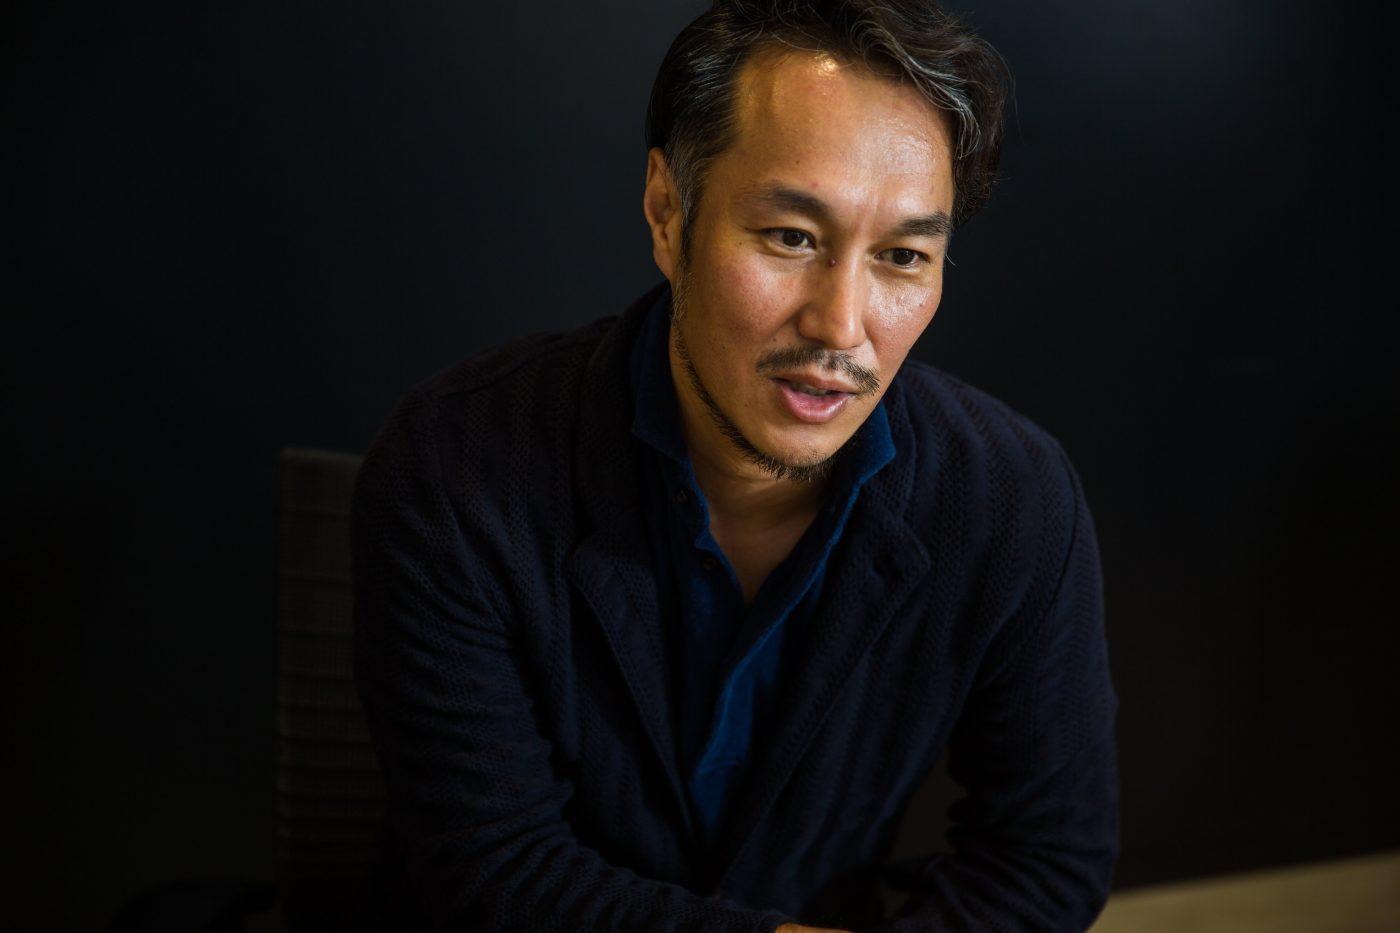 髙松氏が、メディア、引いては広告業界に興味を持ったのは15歳のとき。父が発注側として広告に携わっていたことがきっかけだった。幼少期からコンテンツに触れていた昔を、髙松氏はこう語る。